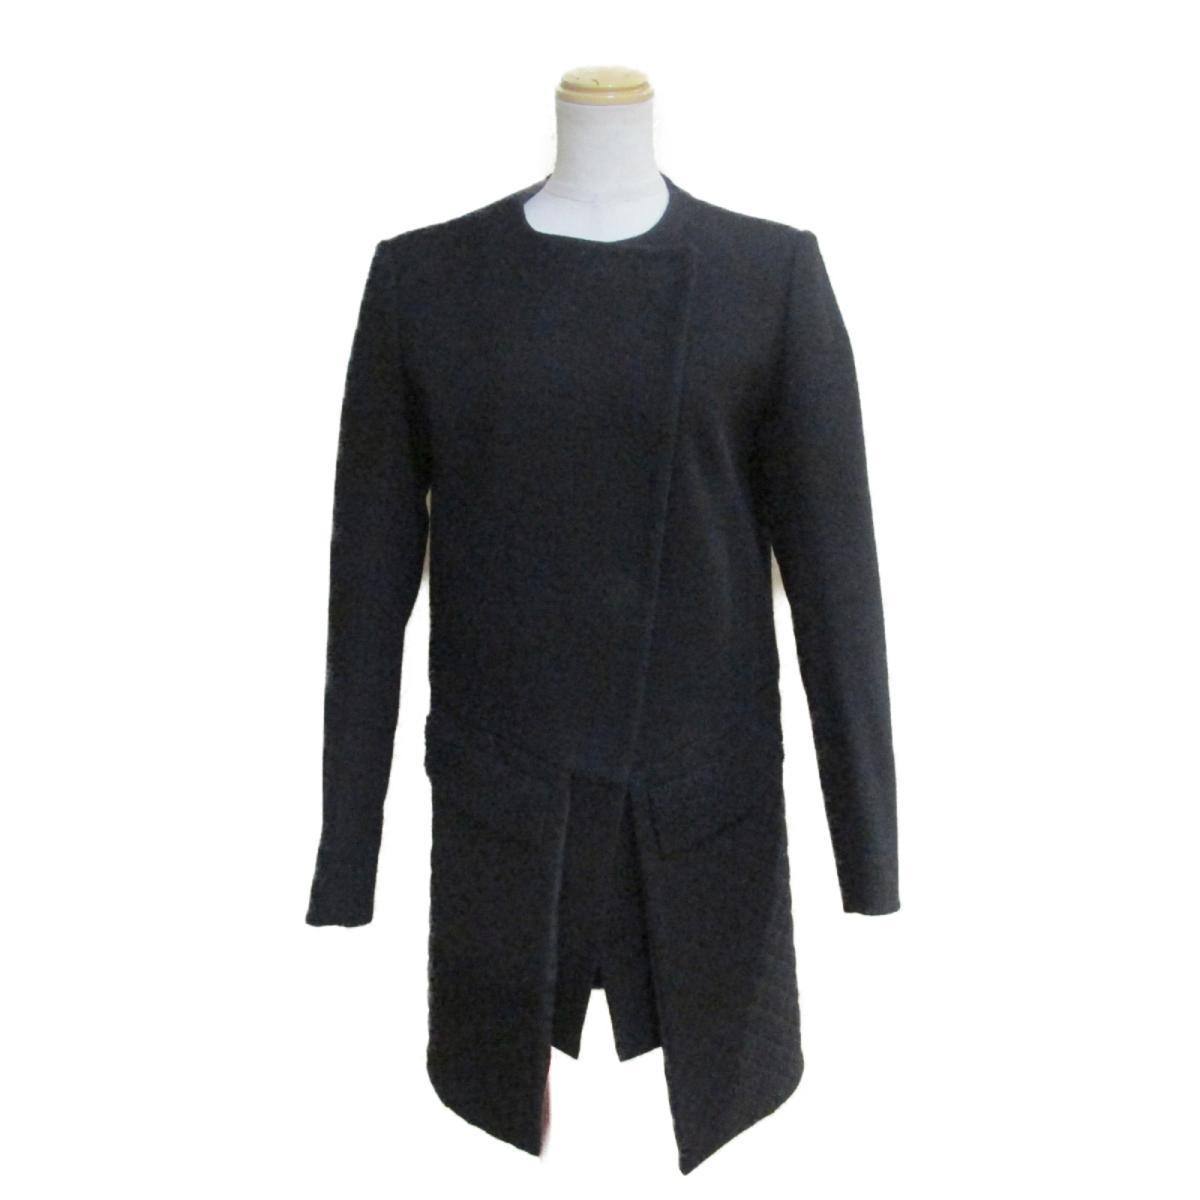 【中古】 フェンディ コート レディース ウール100% ブラック | FENDI BRANDOFF ブランドオフ 衣料品 衣類 ブランド アウター ジャケット